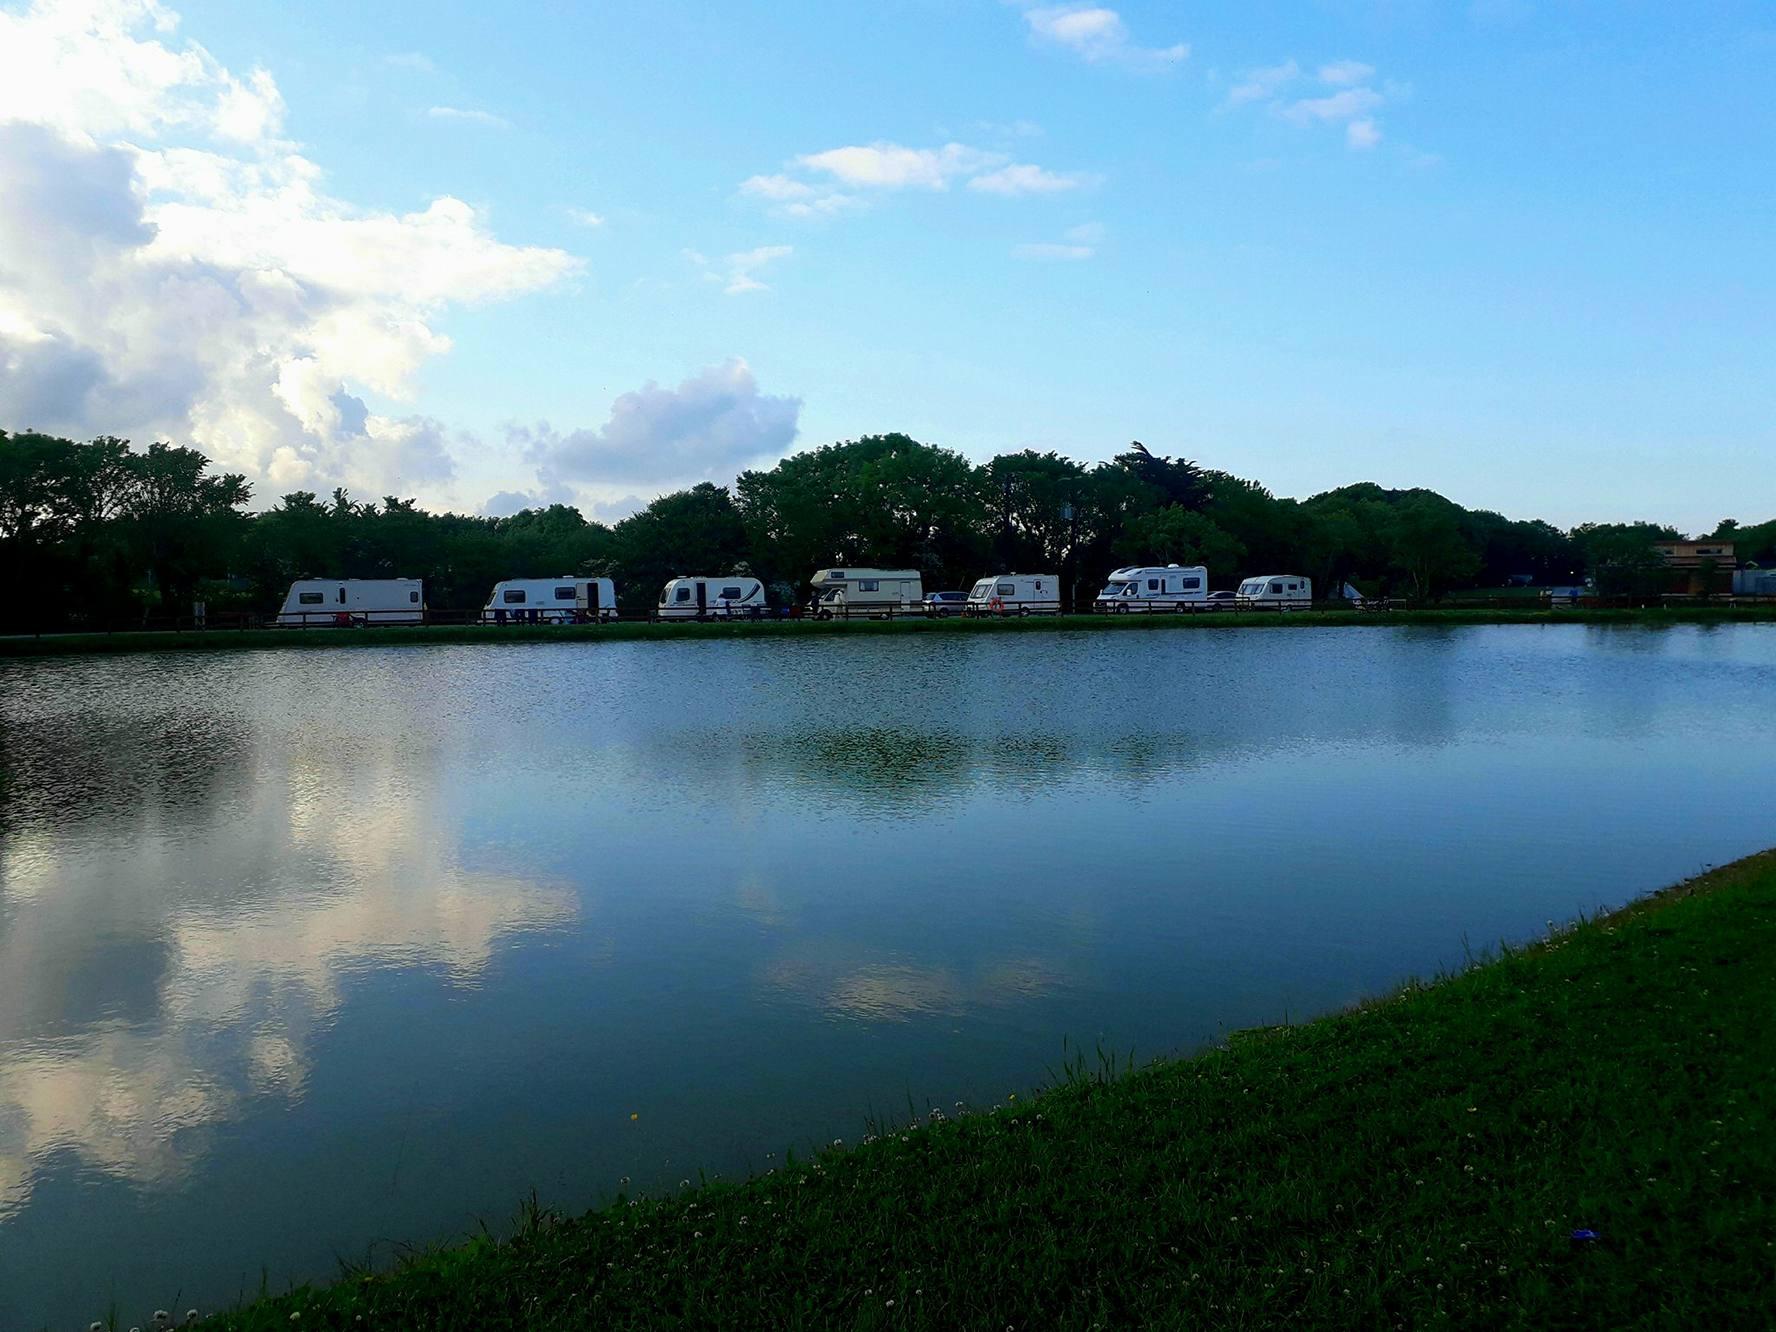 Camping at IOAC